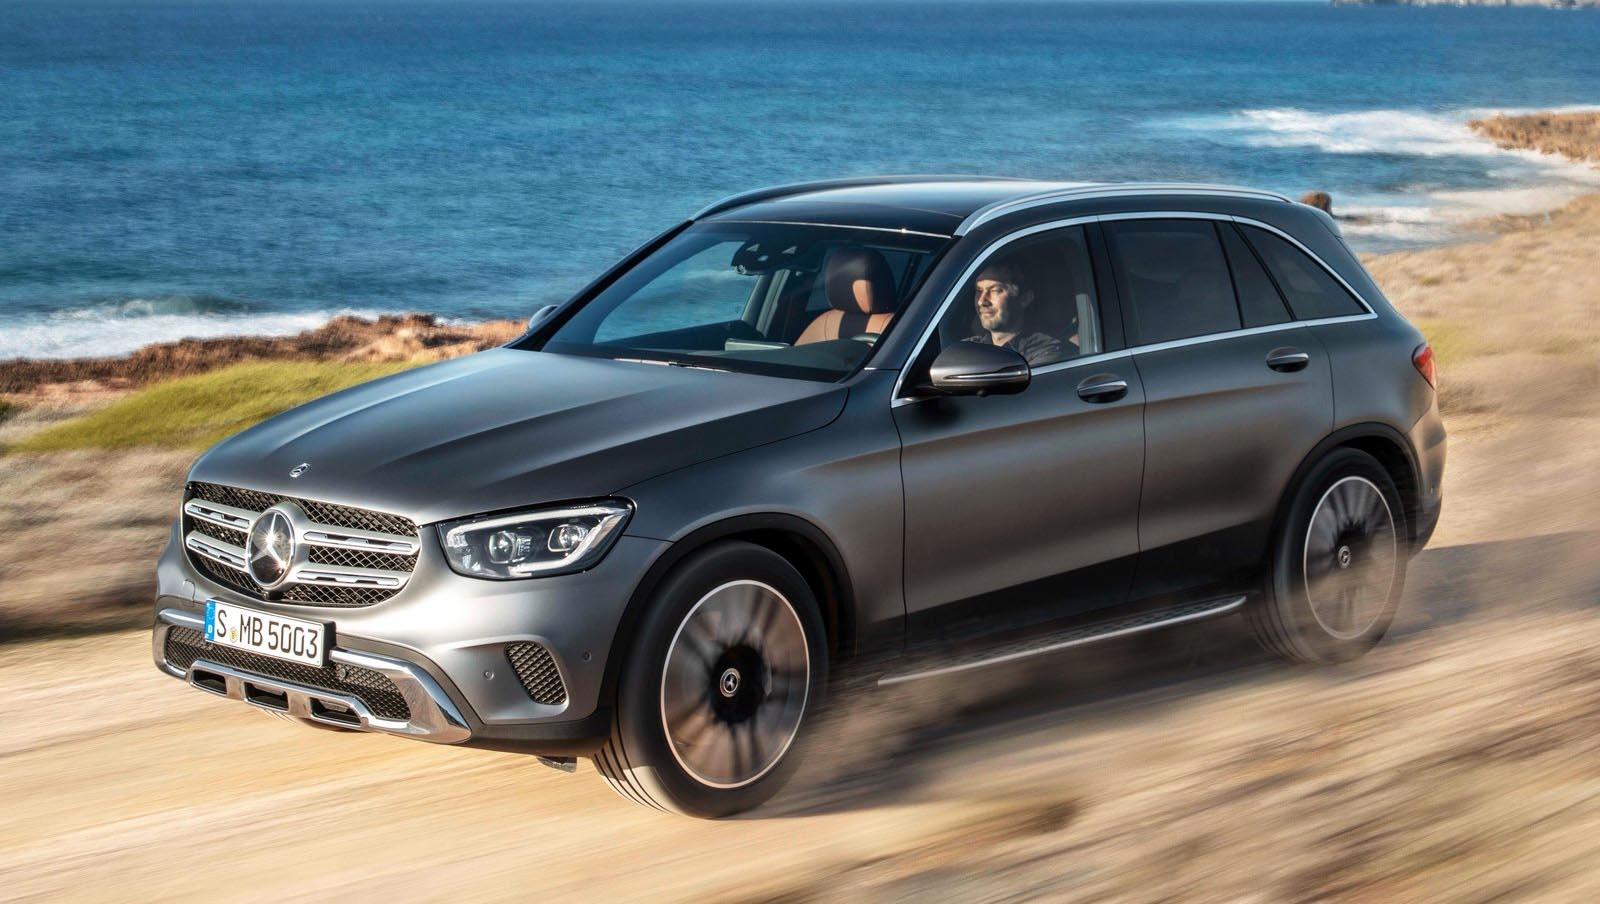 Photo of Ανανέωση με νέους κινητήρες και ψηφιακές οθόνες για την Mercedes GLC